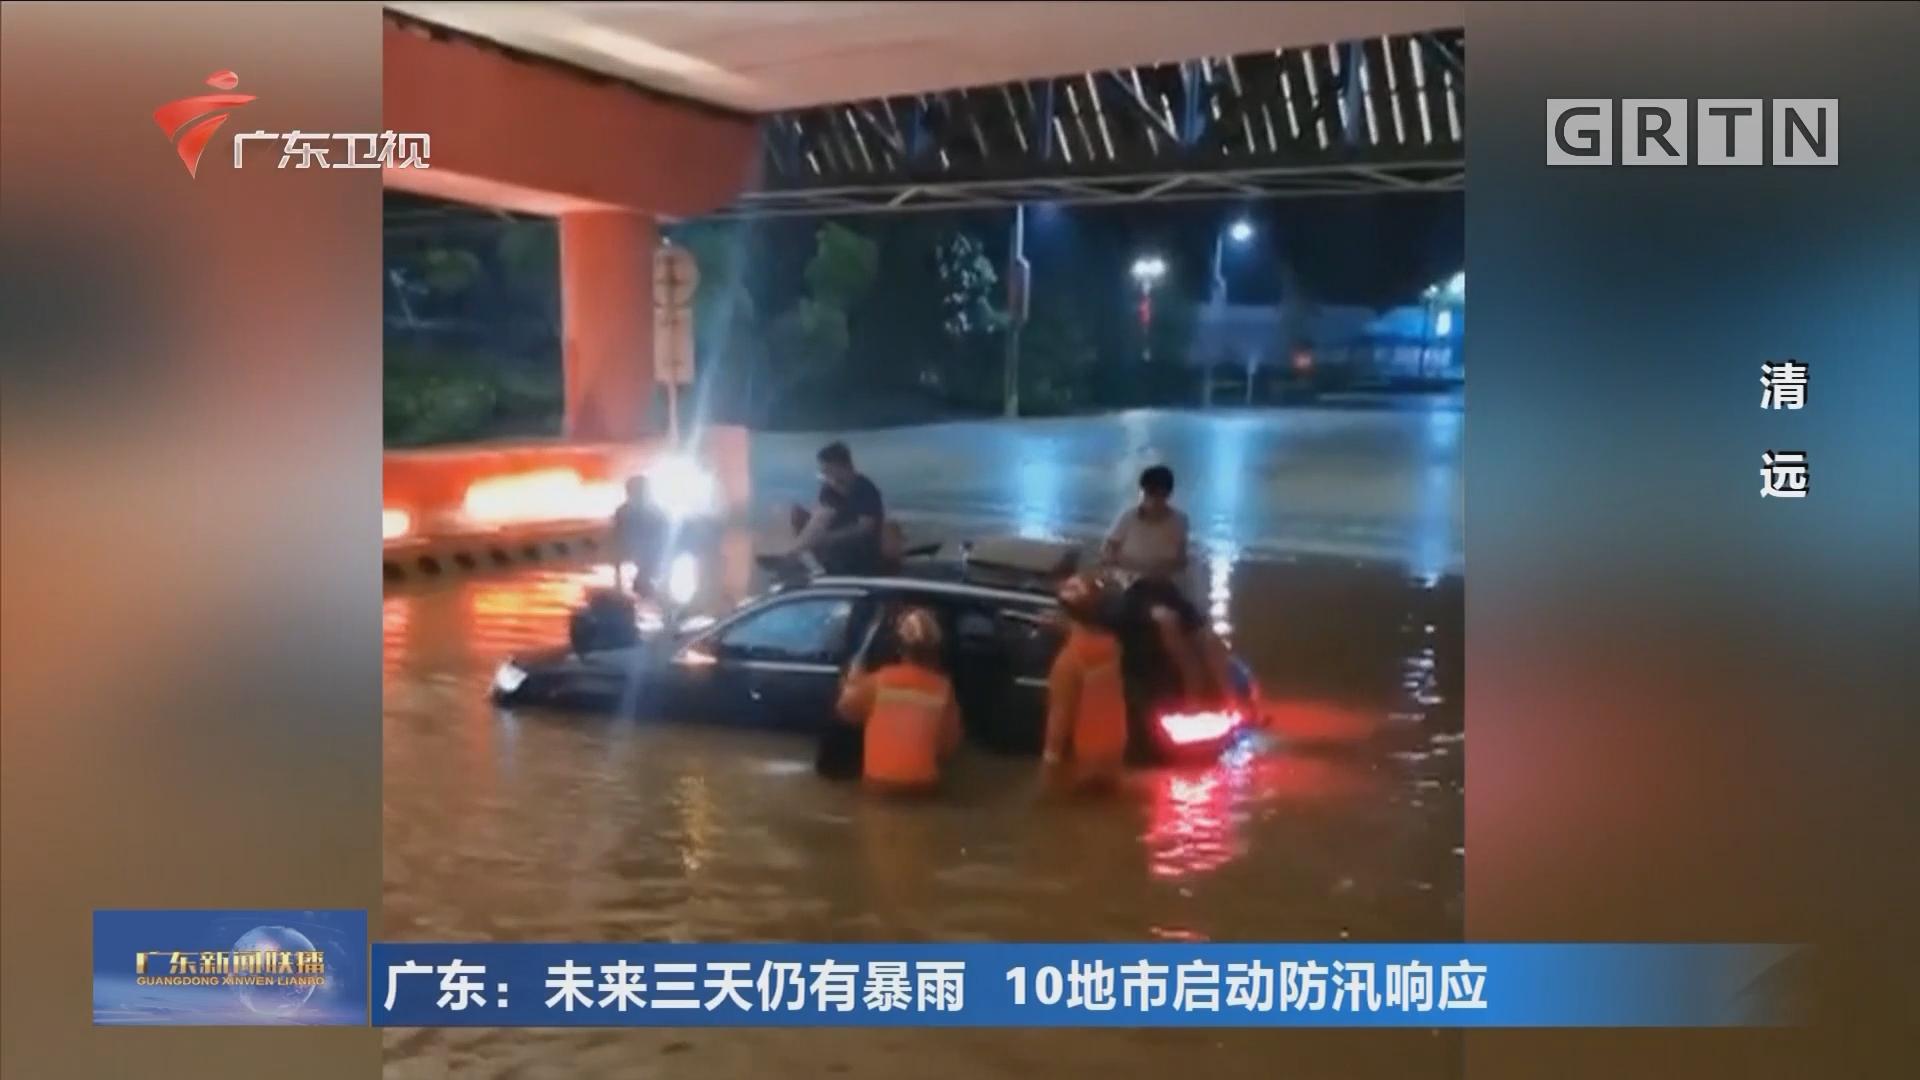 广东:未来三天仍有暴雨 10地市启动防汛响应